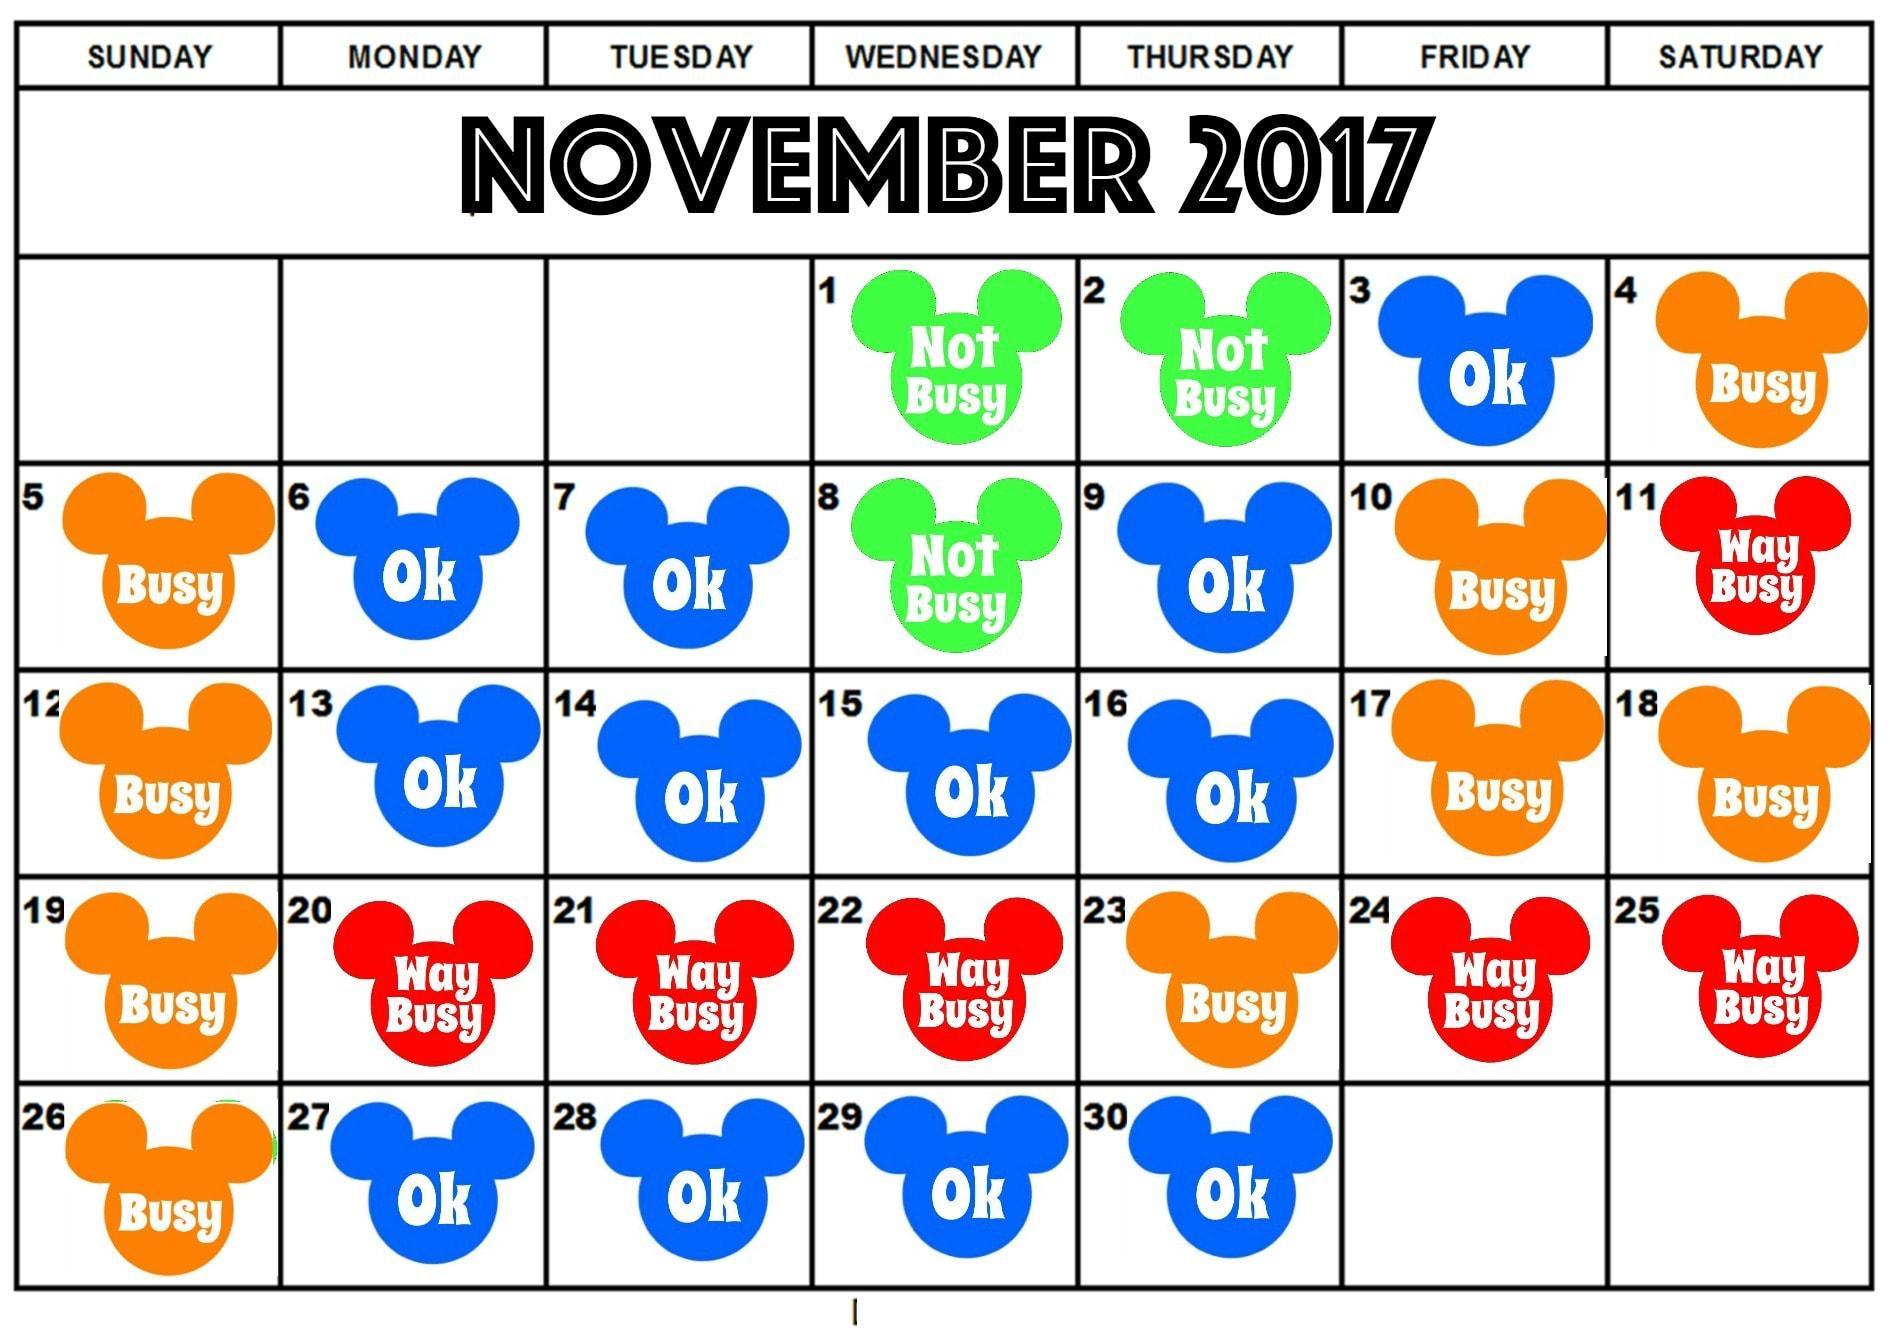 Best Days to Visit Disneyland 2017